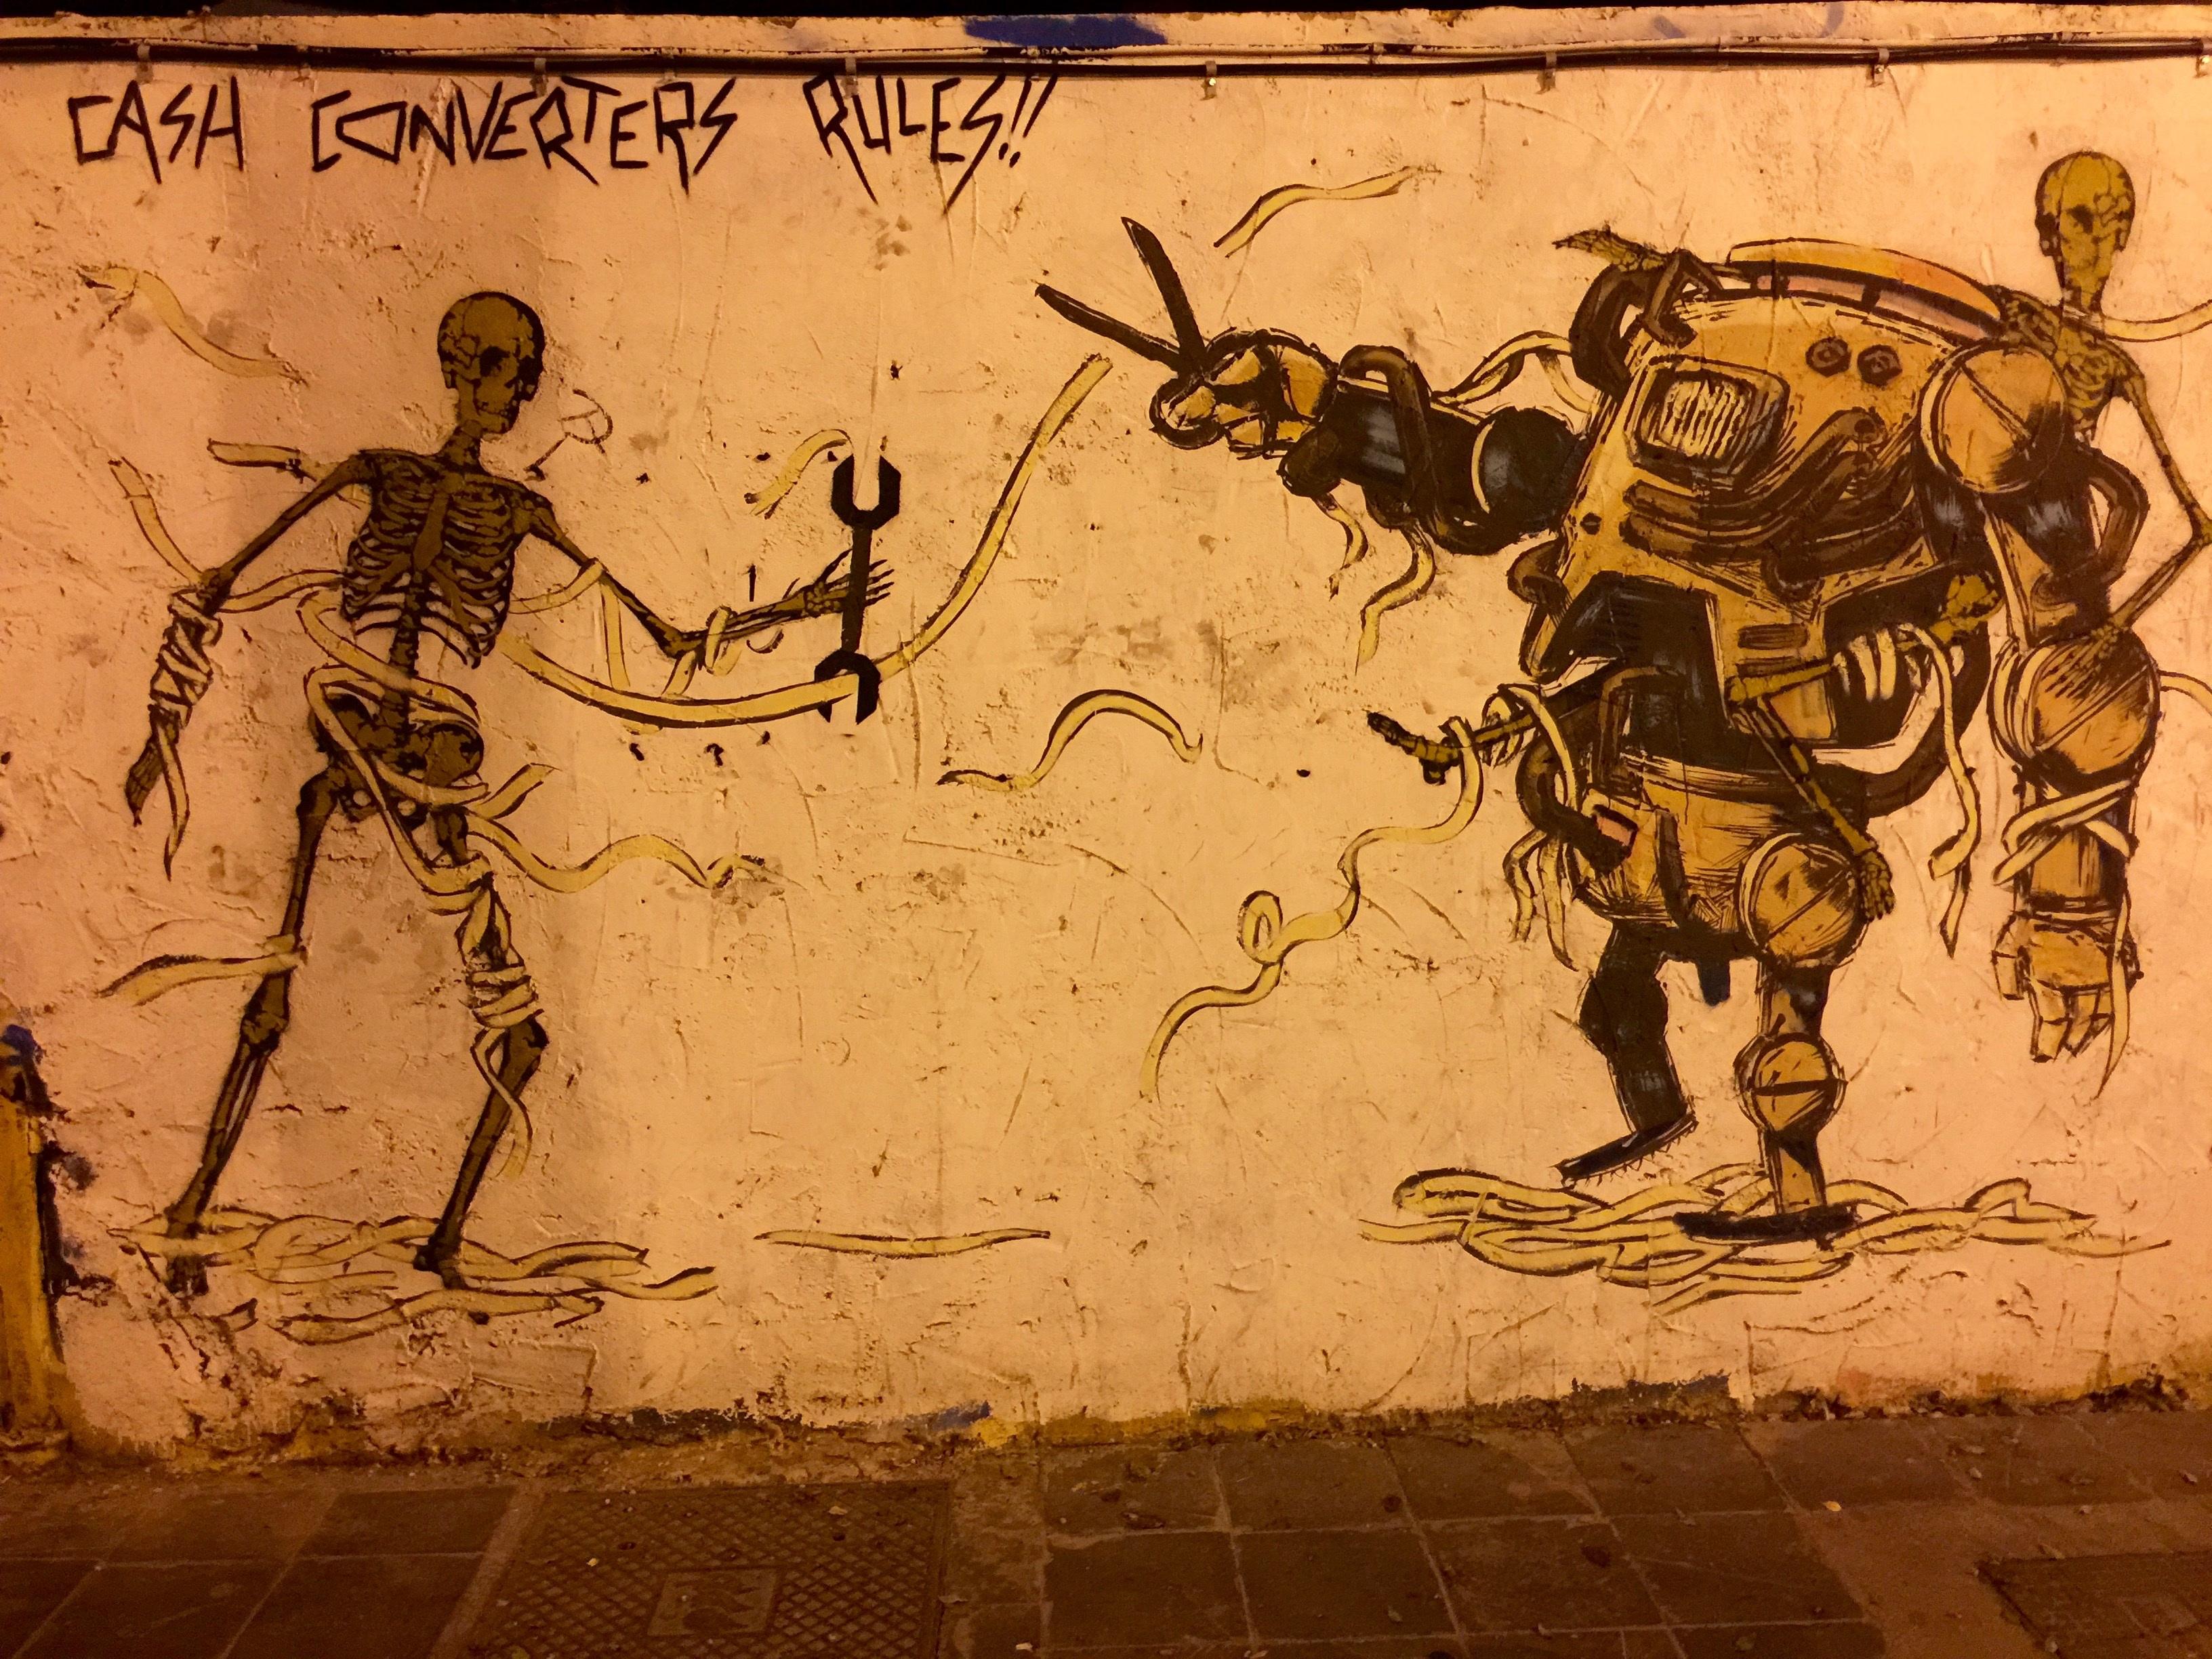 Gambar Sketsa Gambar Ilustrasi Seni Jalanan Tagging